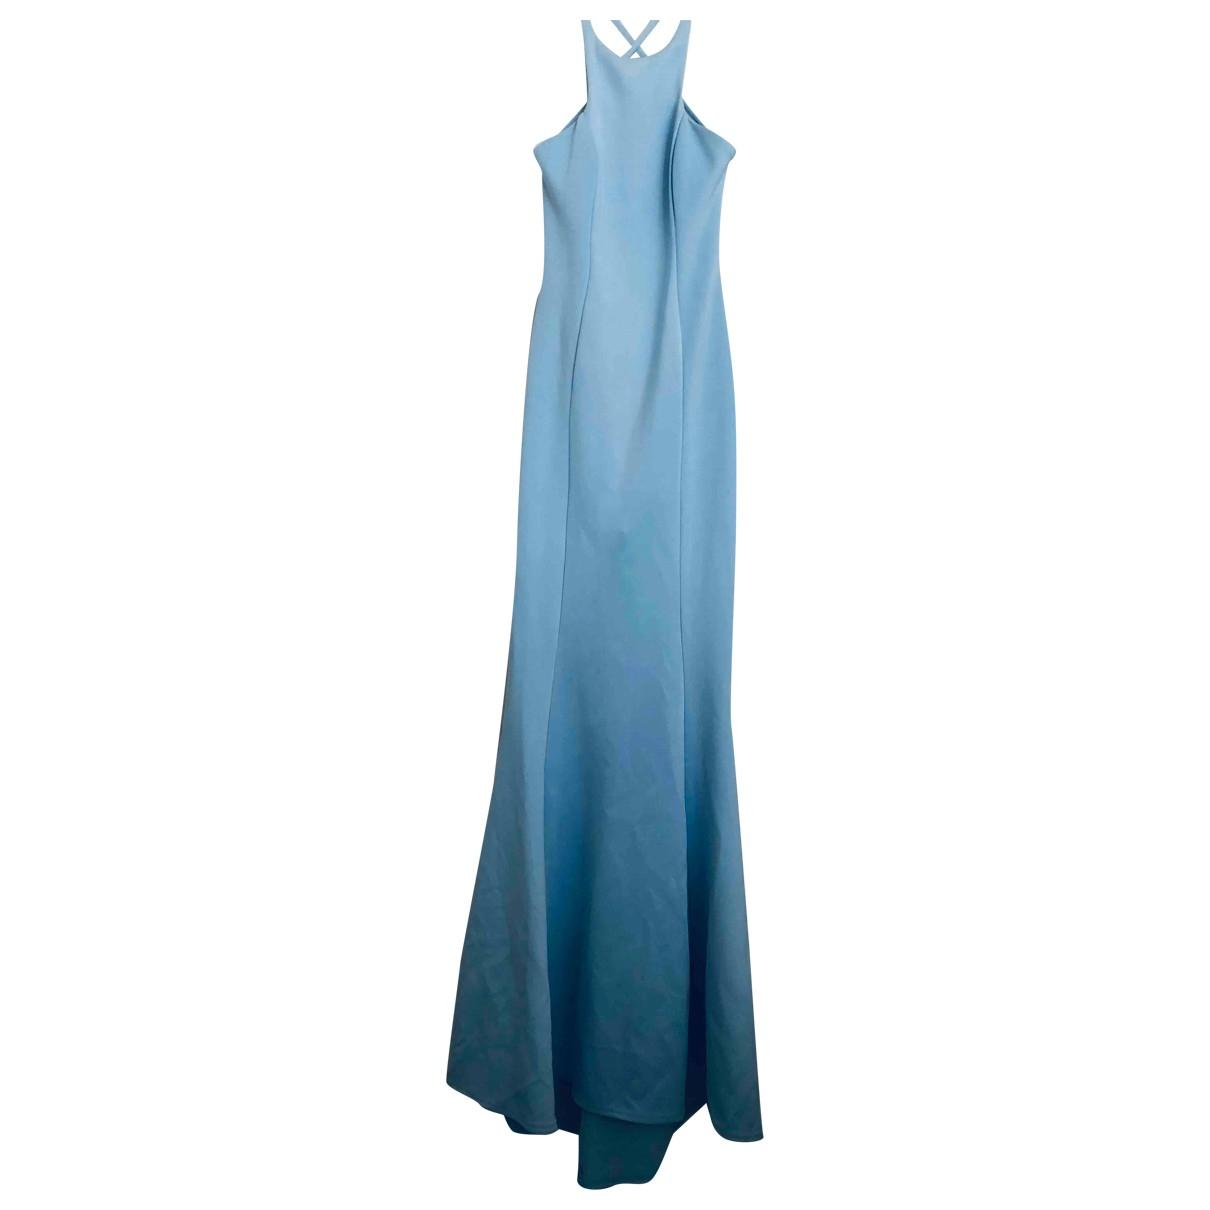 Asos - Robe   pour femme - bleu